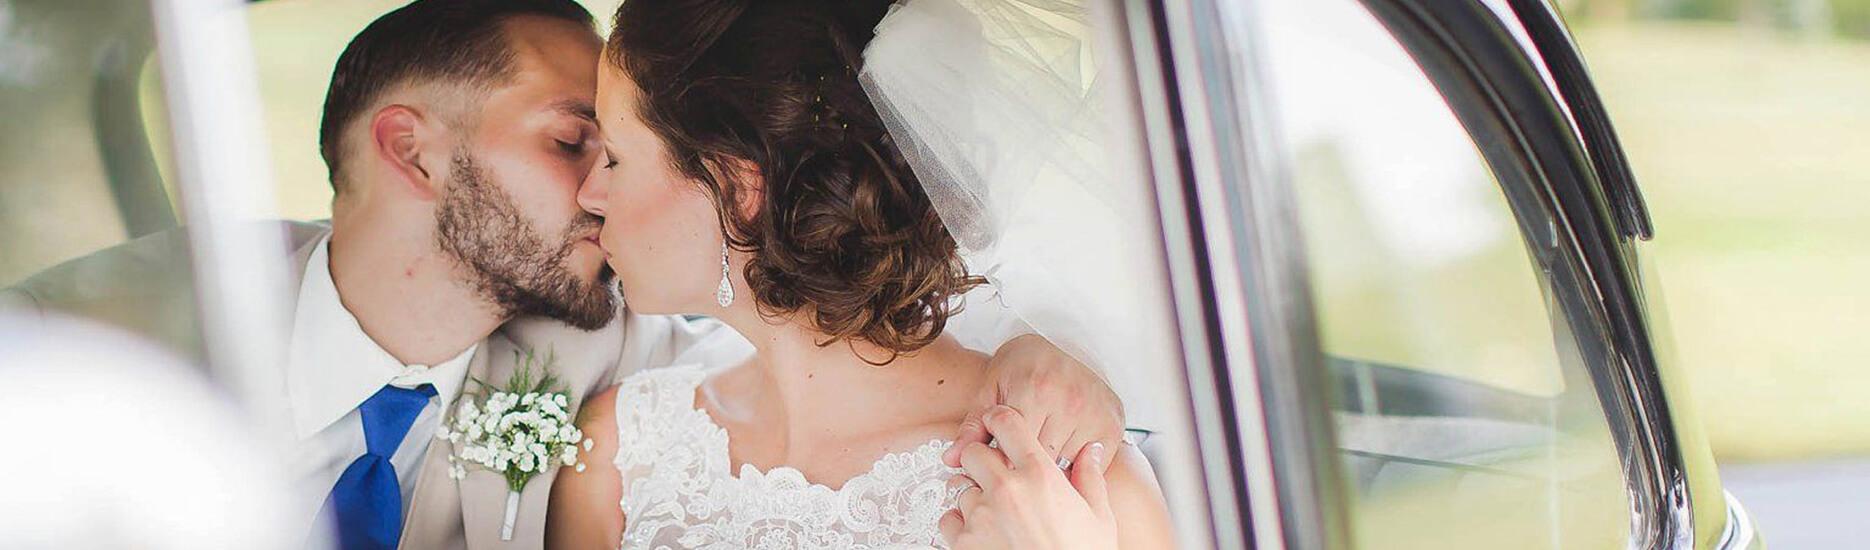 Esküvő, esküvőszervező